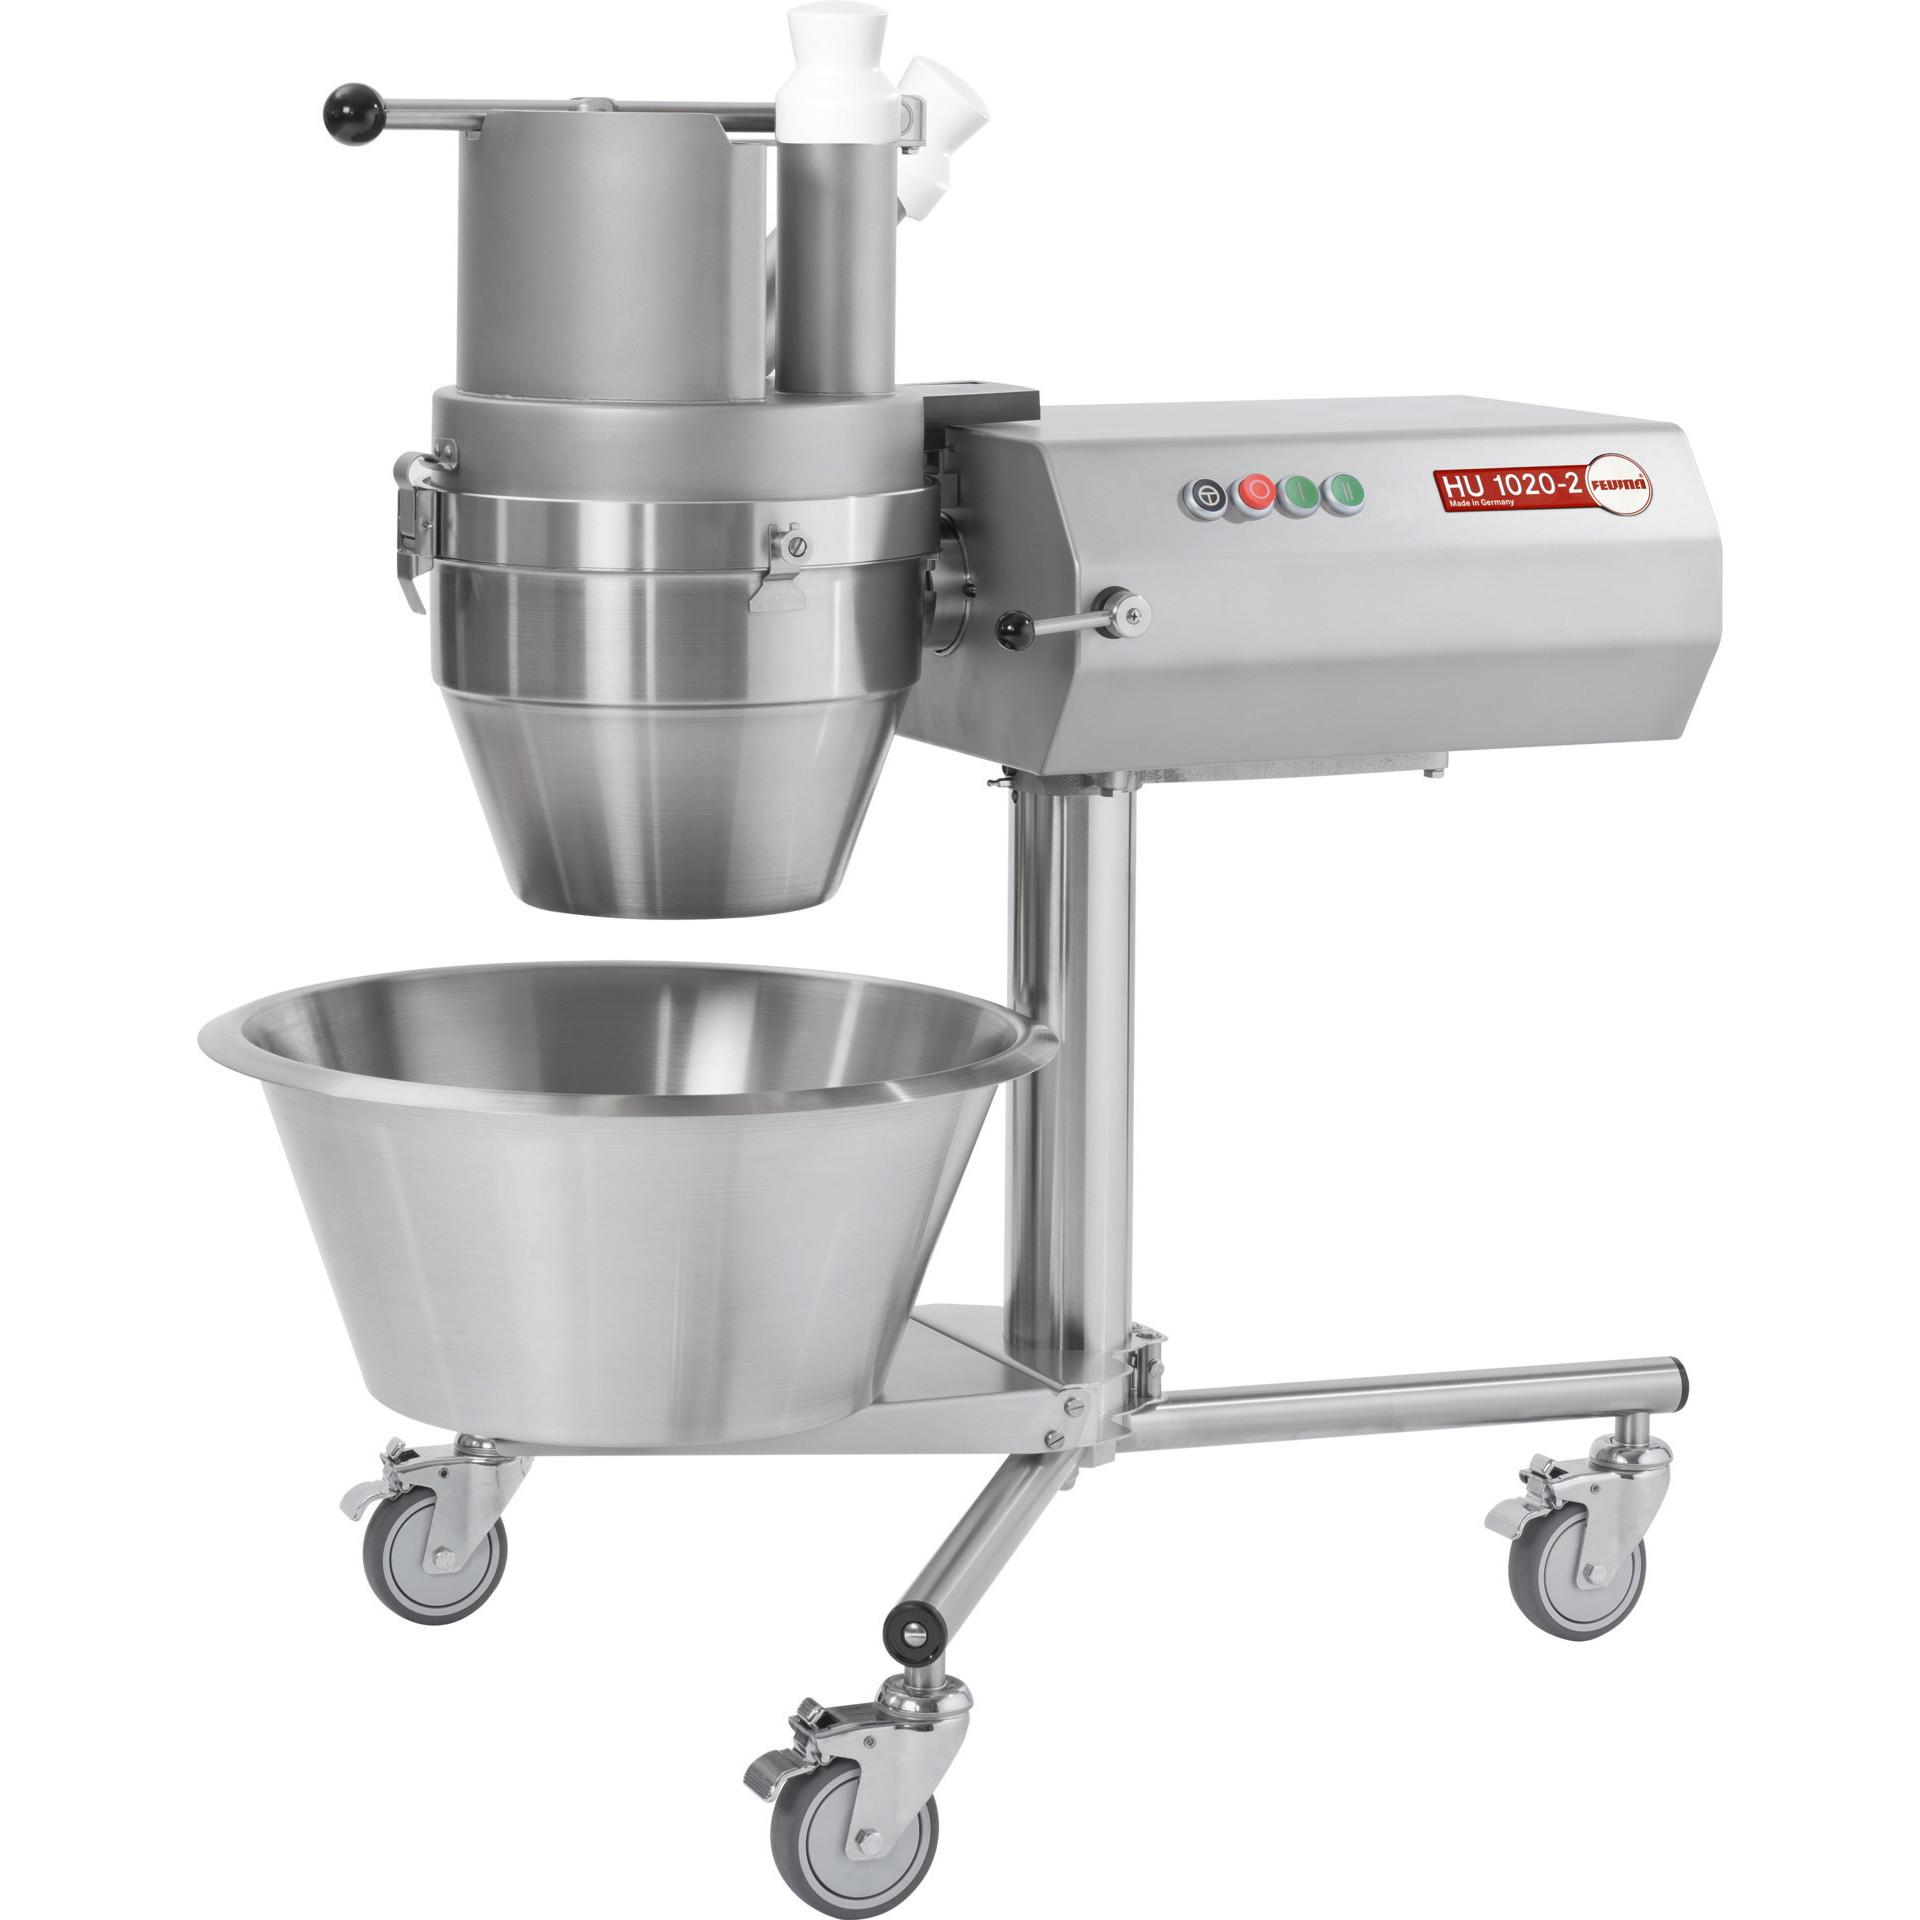 Universal Küchenmaschine HU 1020-2 mit Antriebseinheit AE 20-2